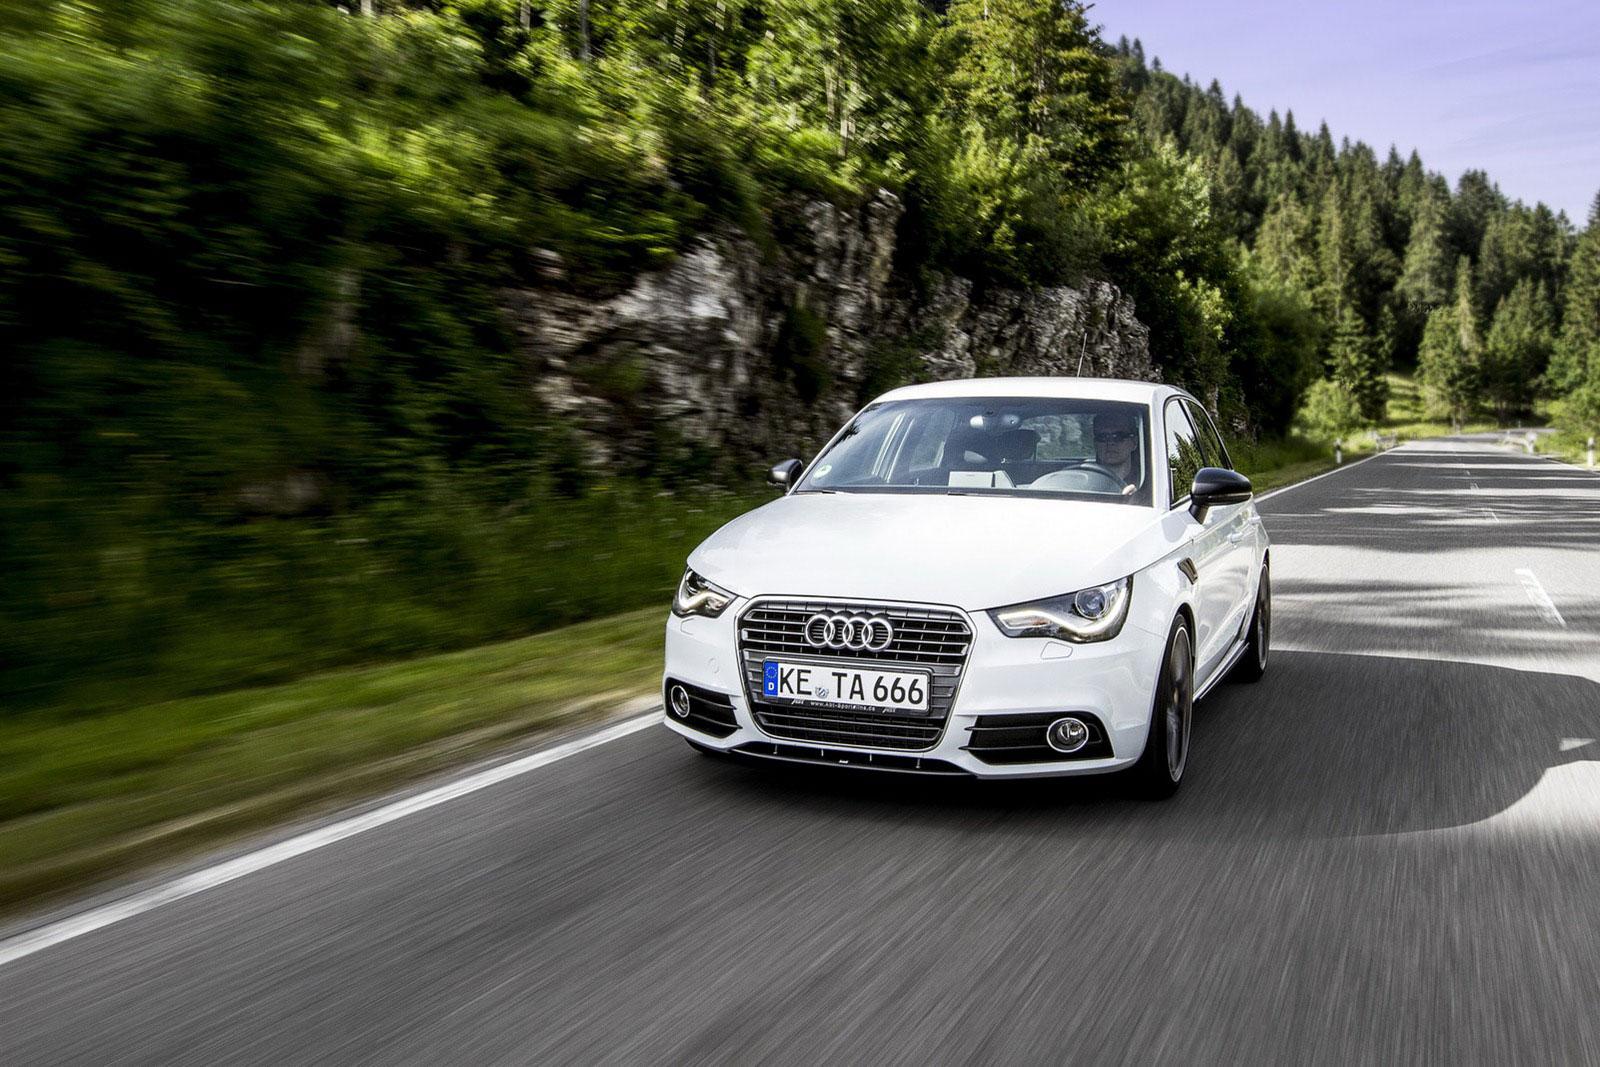 Audi A1 Sportback prodělalo pár vylepšení od ABT Sportsline 3